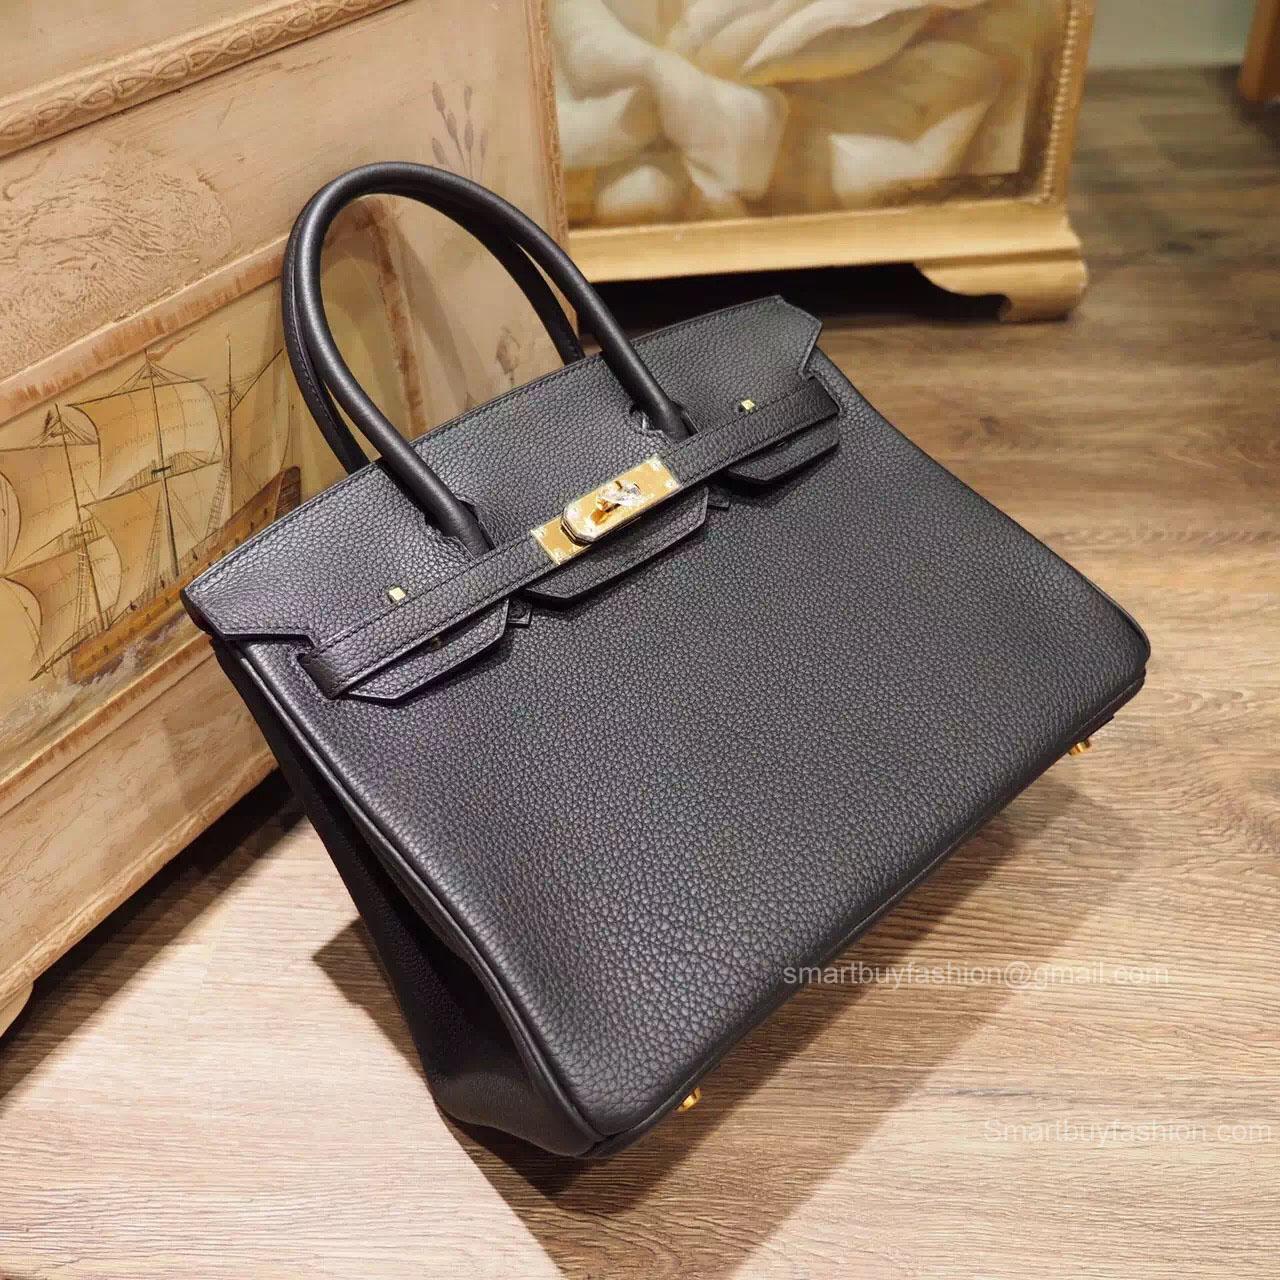 8ec17a786f8 Handstitched Hermes Birkin 30 Bag in Multicolored ck89 Noir Togo Calfskin  GHW